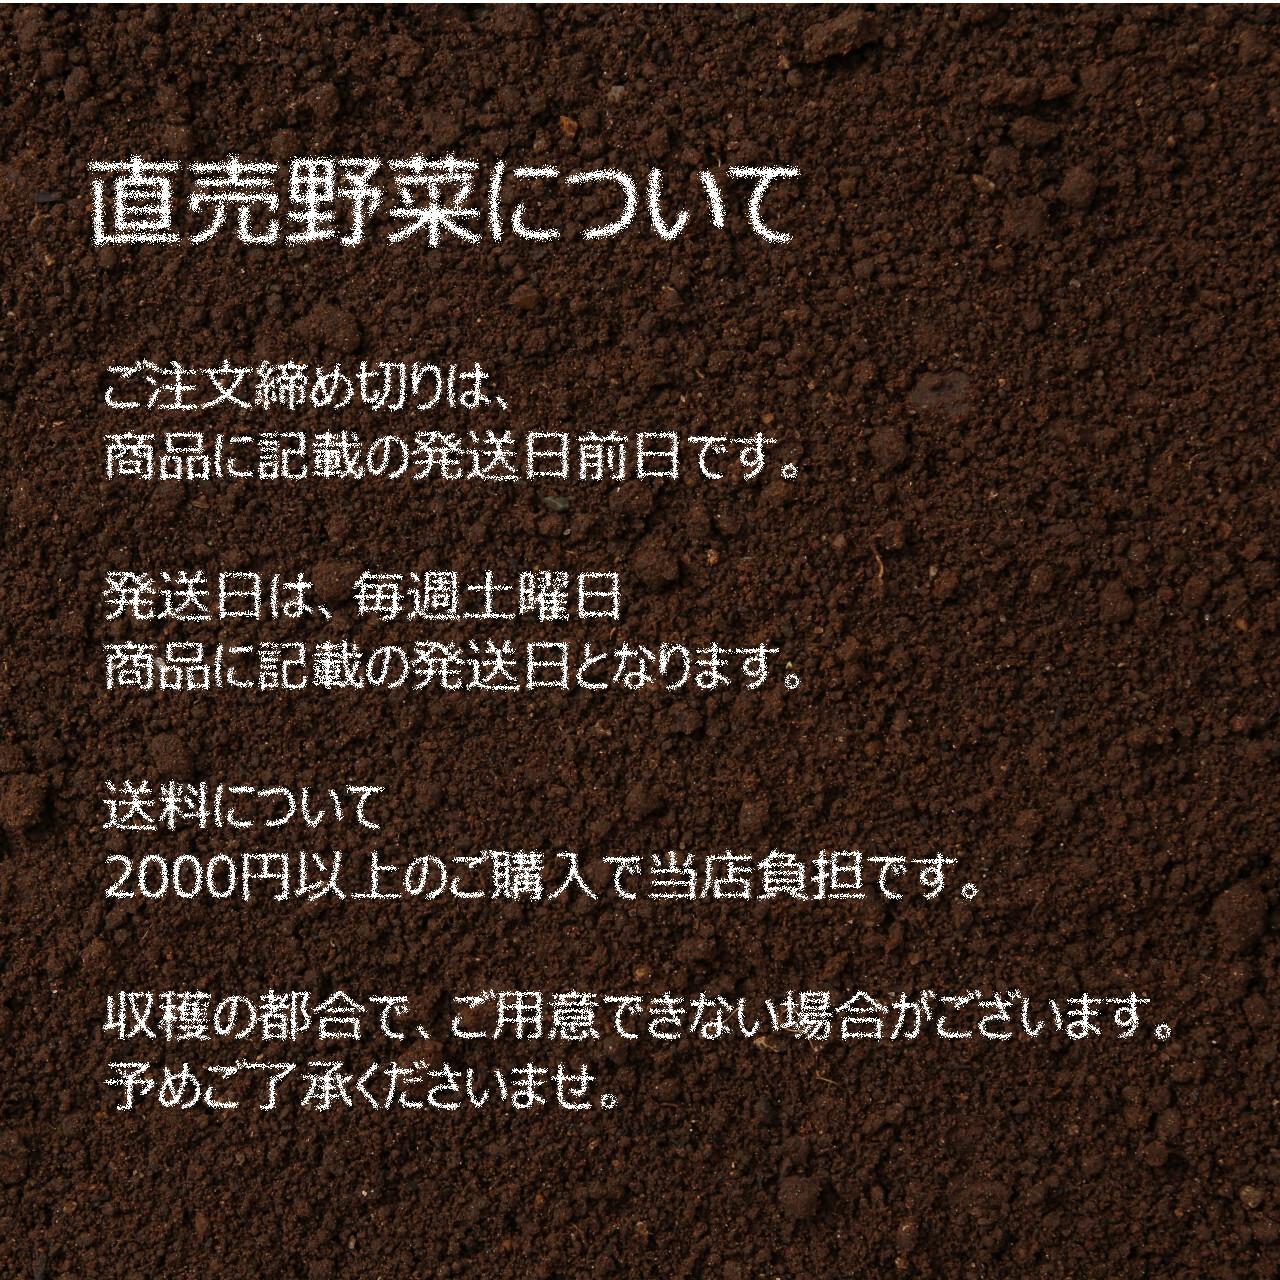 9月の朝採り直売野菜 : ゴーヤ 約1~2本 新鮮な秋野菜 9月5日発送予定